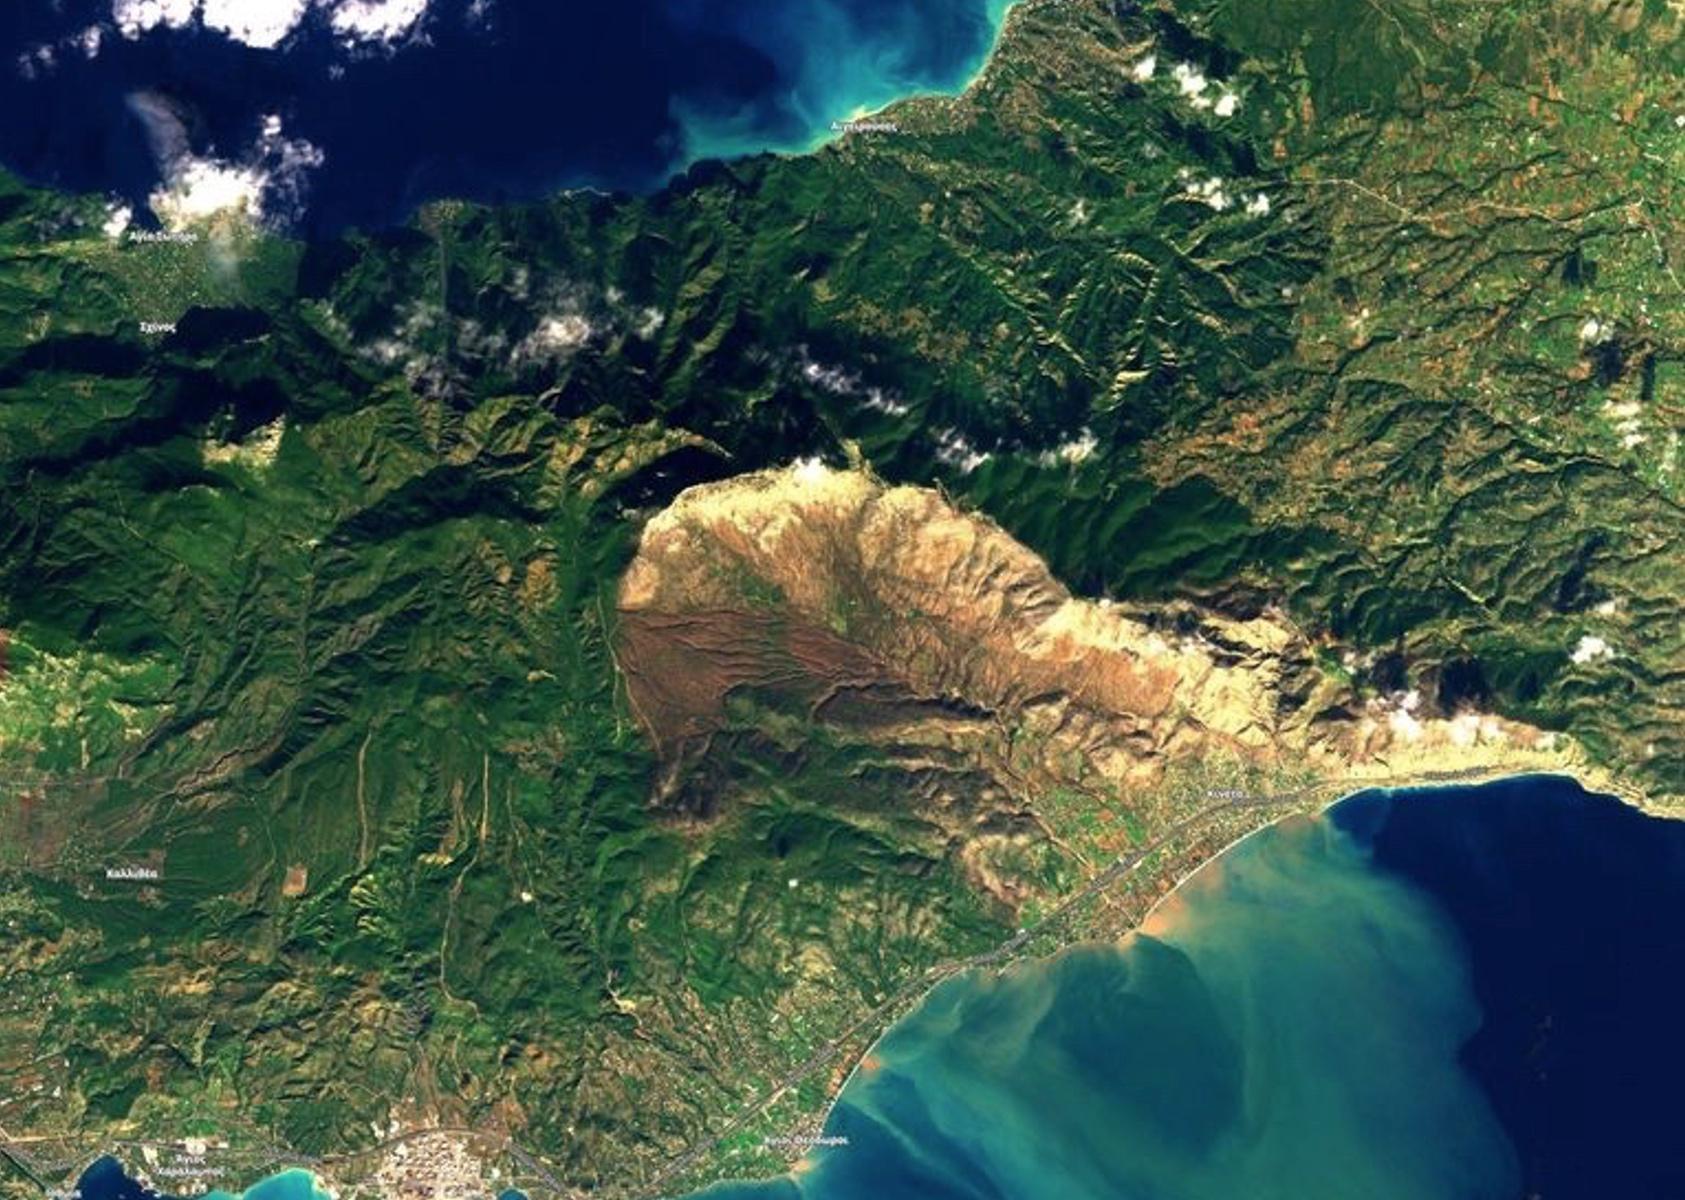 Η Κινέτα από το διάστημα! Εικόνα σοκ από δορυφόρο!